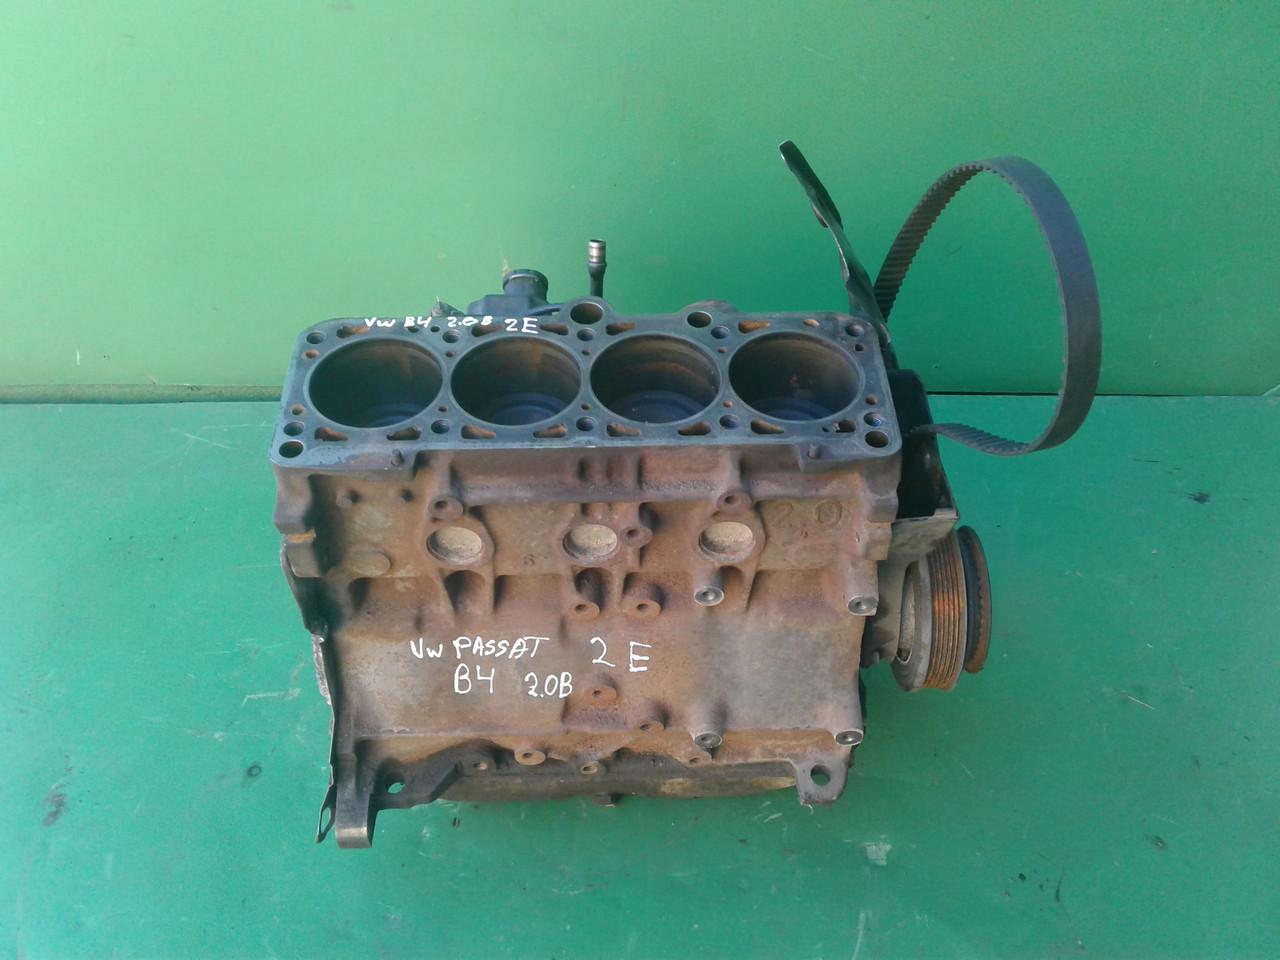 Блок двигателя для Volkswagen Passat B4 2.0E